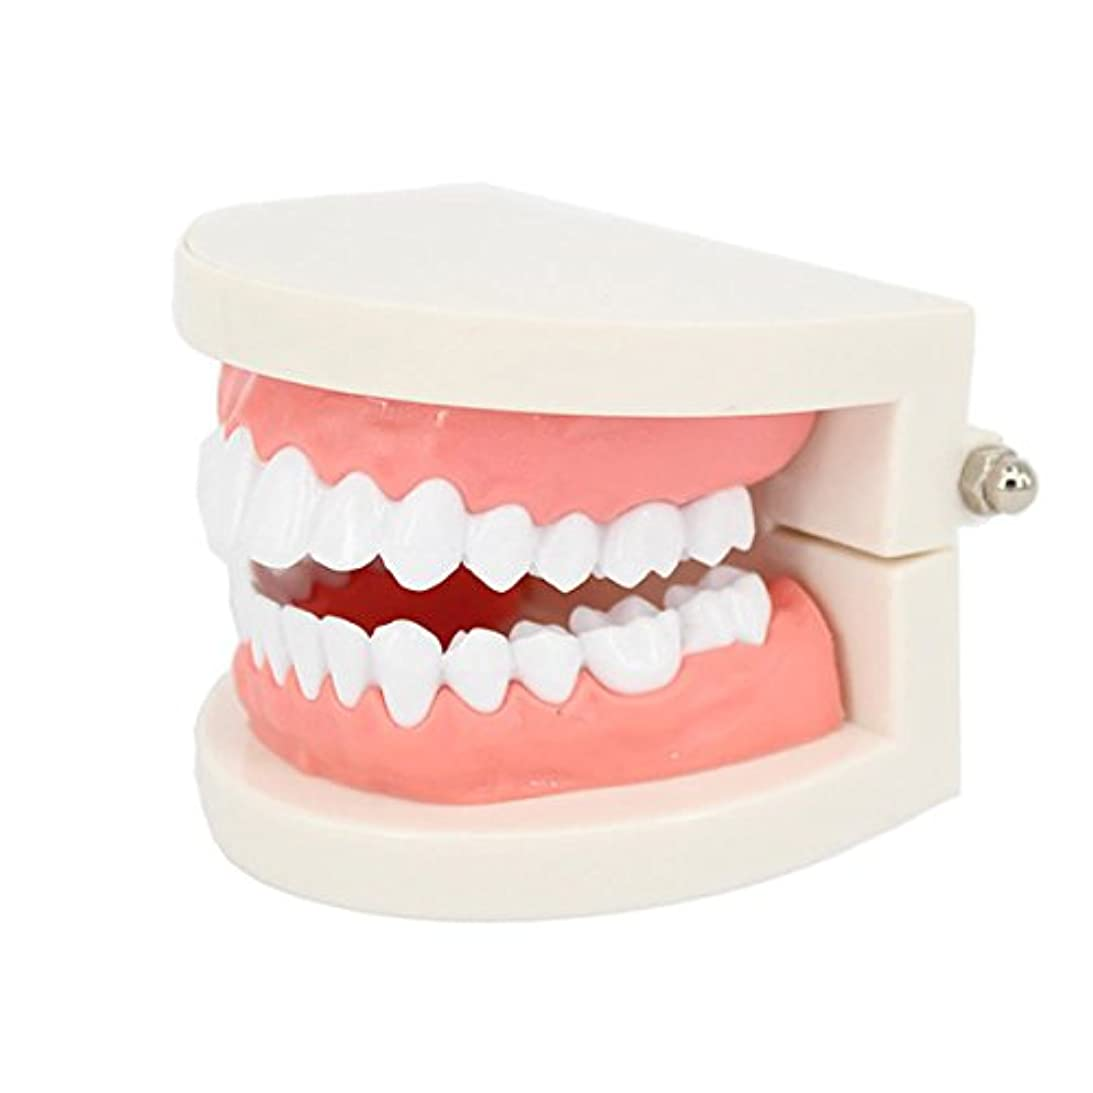 主人ゲストええROSENICE 歯科医 歯列模型 歯は着脱可能 指導用模型